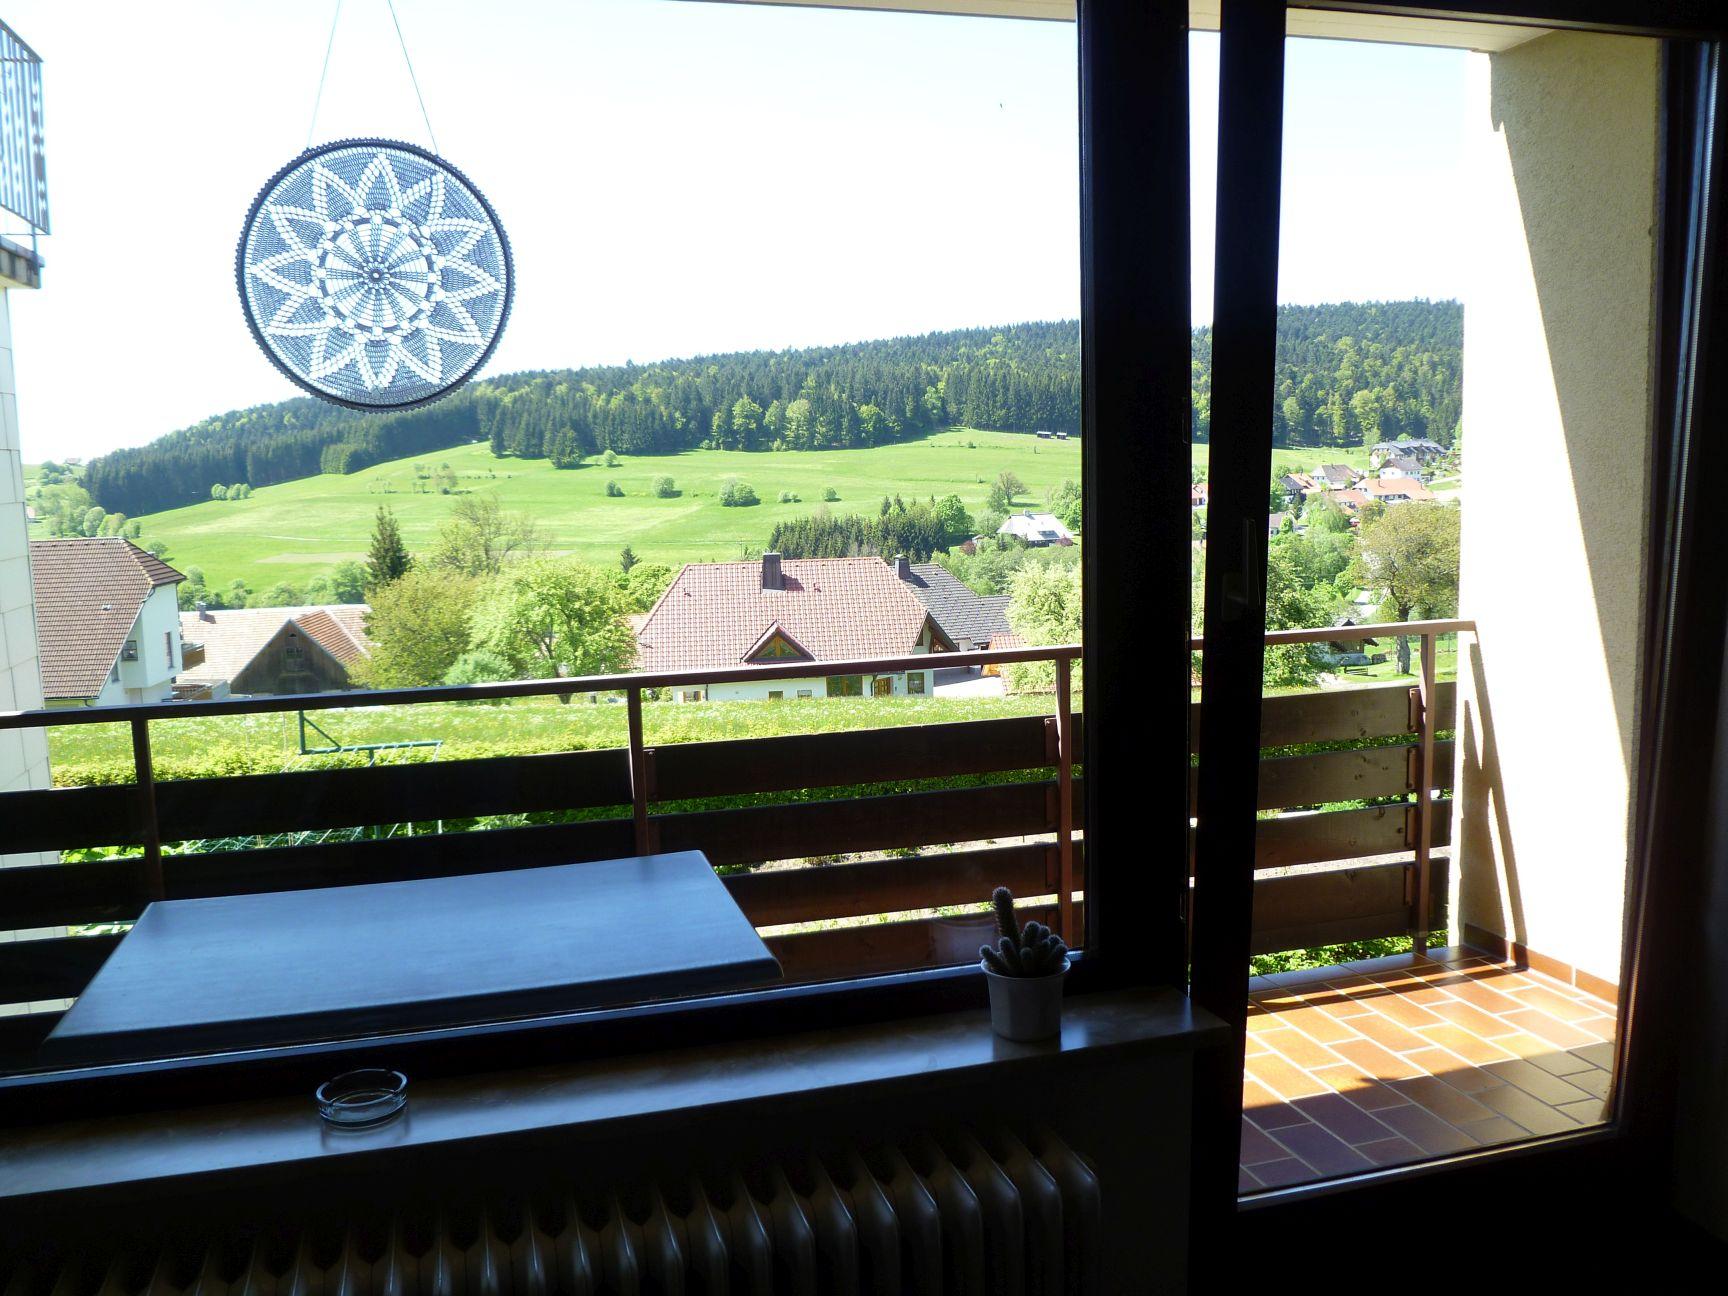 Ferienwohnung Haus Monika Ferienwohnungen, (Herrischried). Ferienwohnung Nr. 1, 38 qm, Balkon, 1 Wohn-/S (2299229), Herrischried, Schwarzwald, Baden-Württemberg, Deutschland, Bild 12